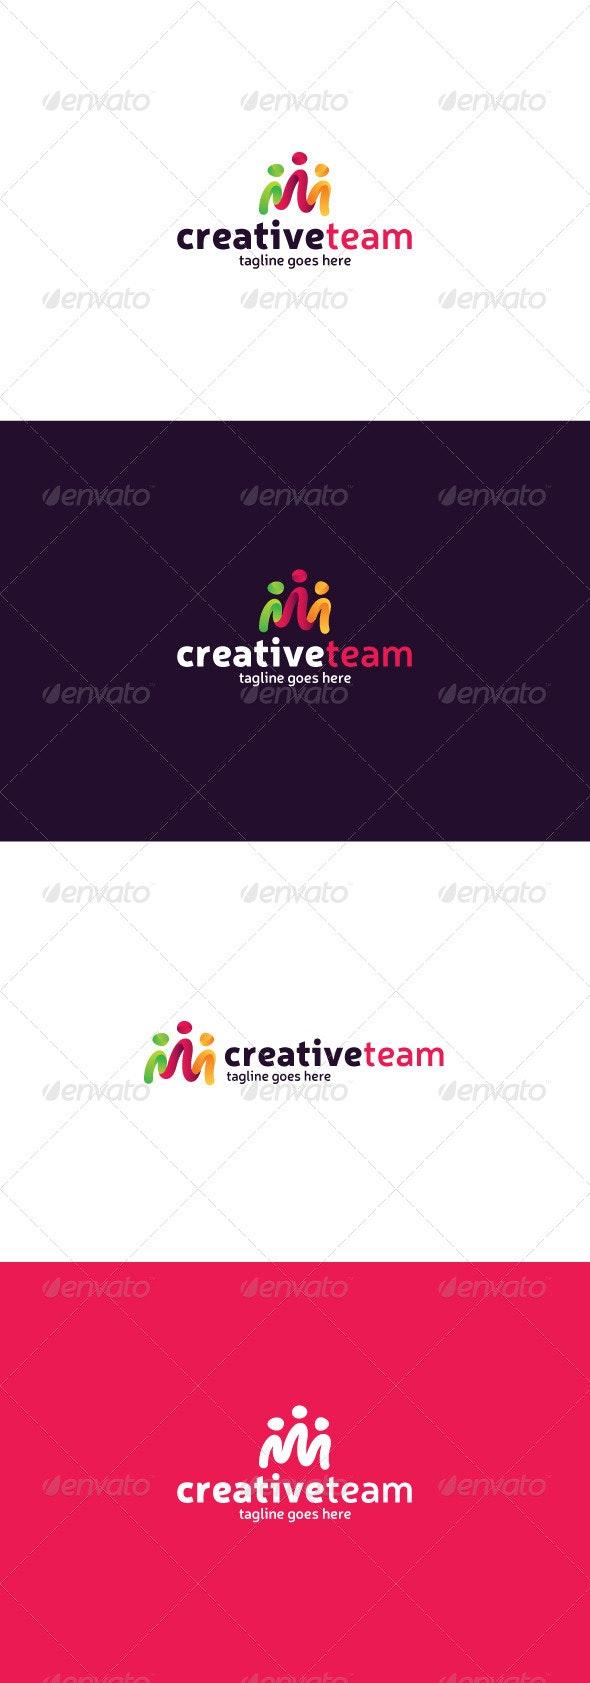 Creative Team Logo - Vector Abstract